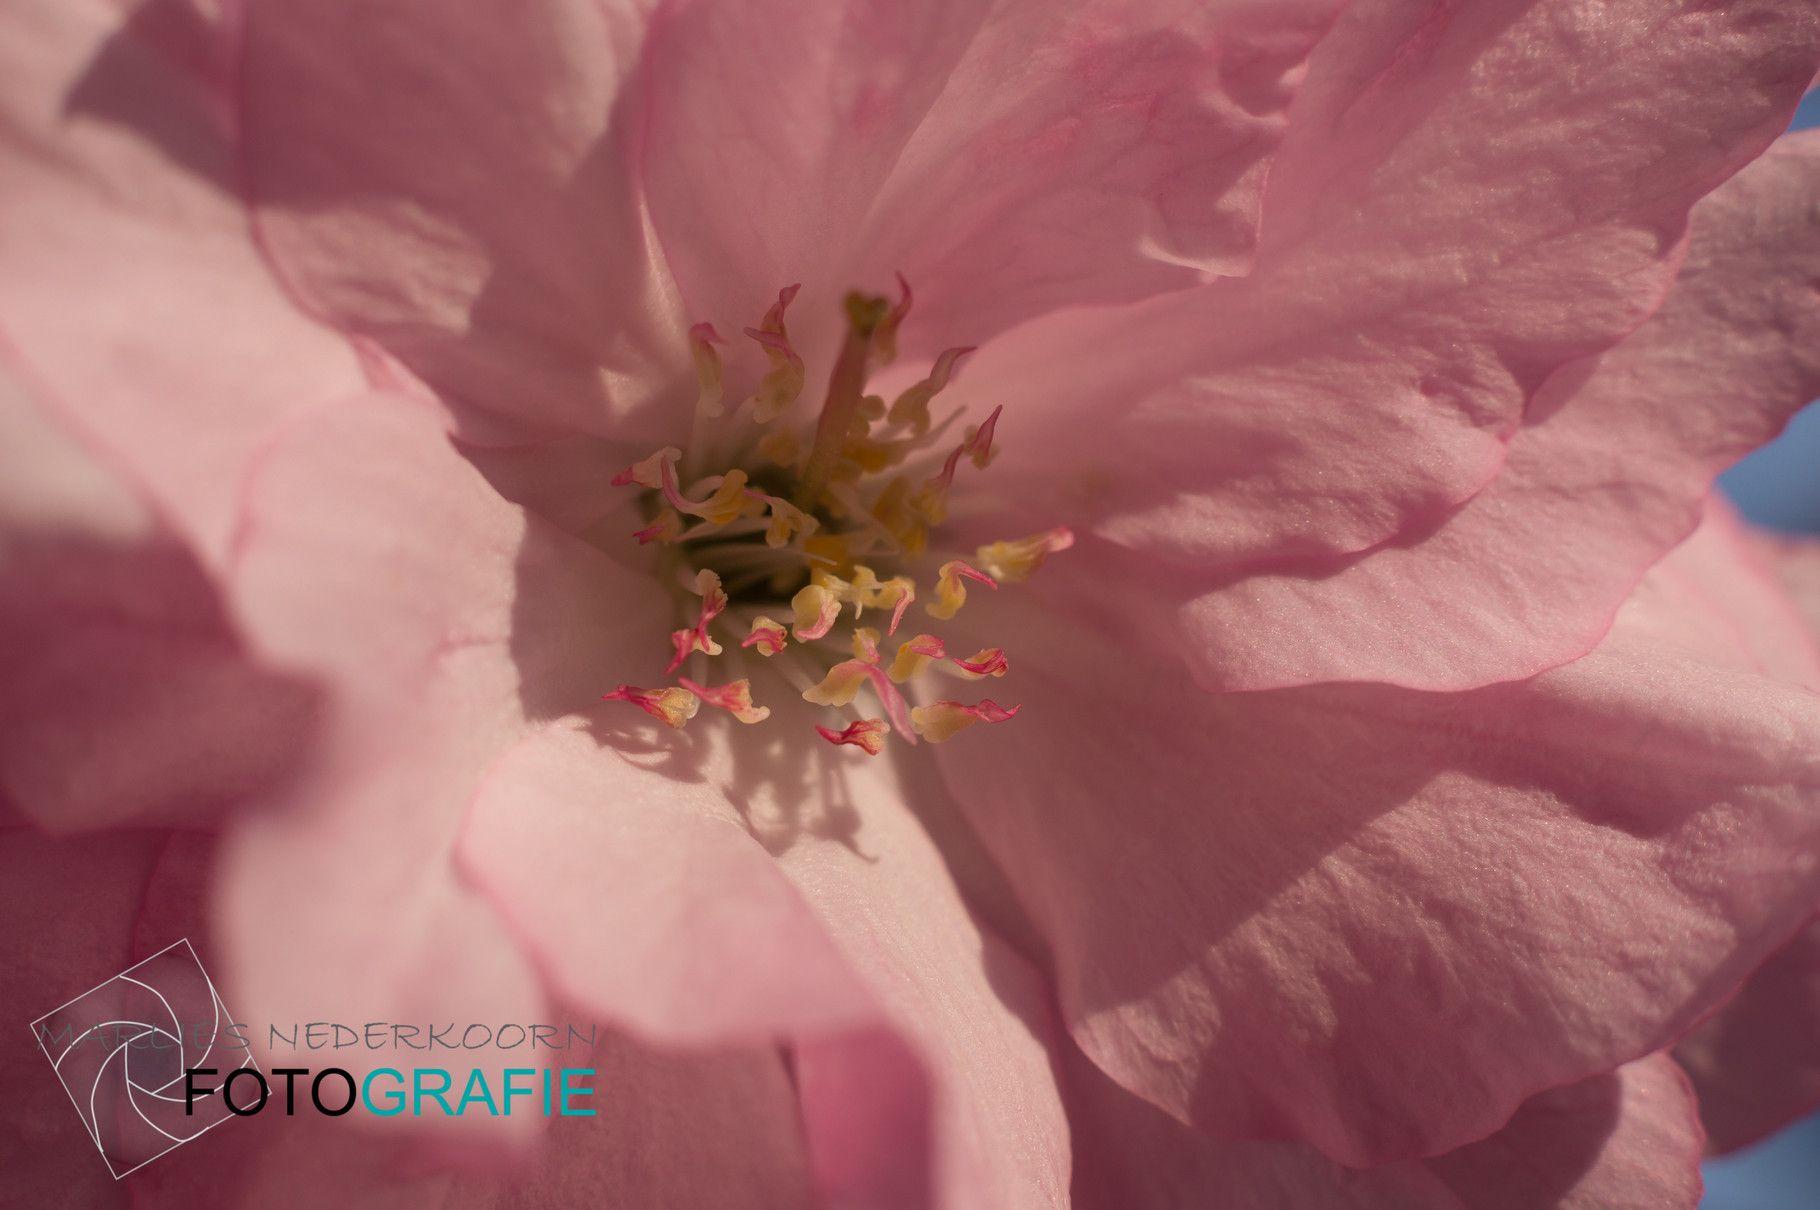 Bloemen en dieren - De website van Marlies Nederkoorn!